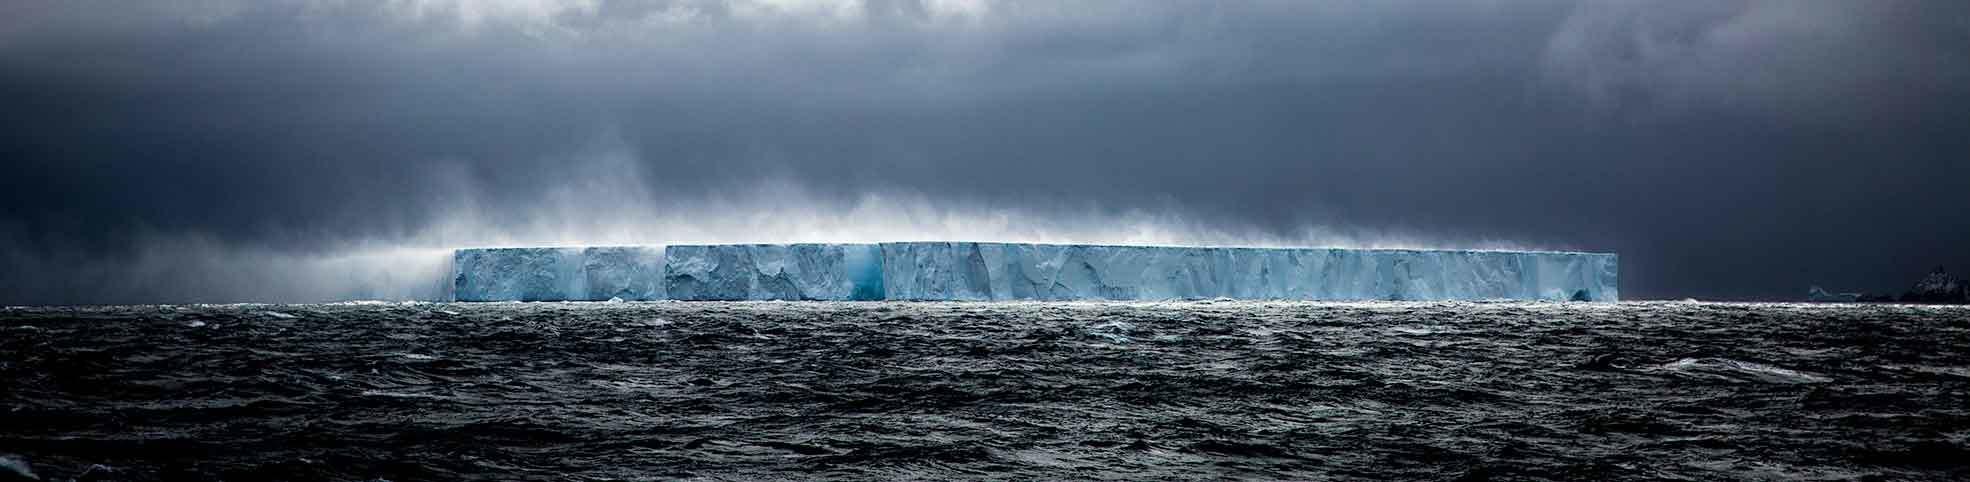 <div class='title'>           Antarctica-20141116065625-1094-2-dmva6i         </div>